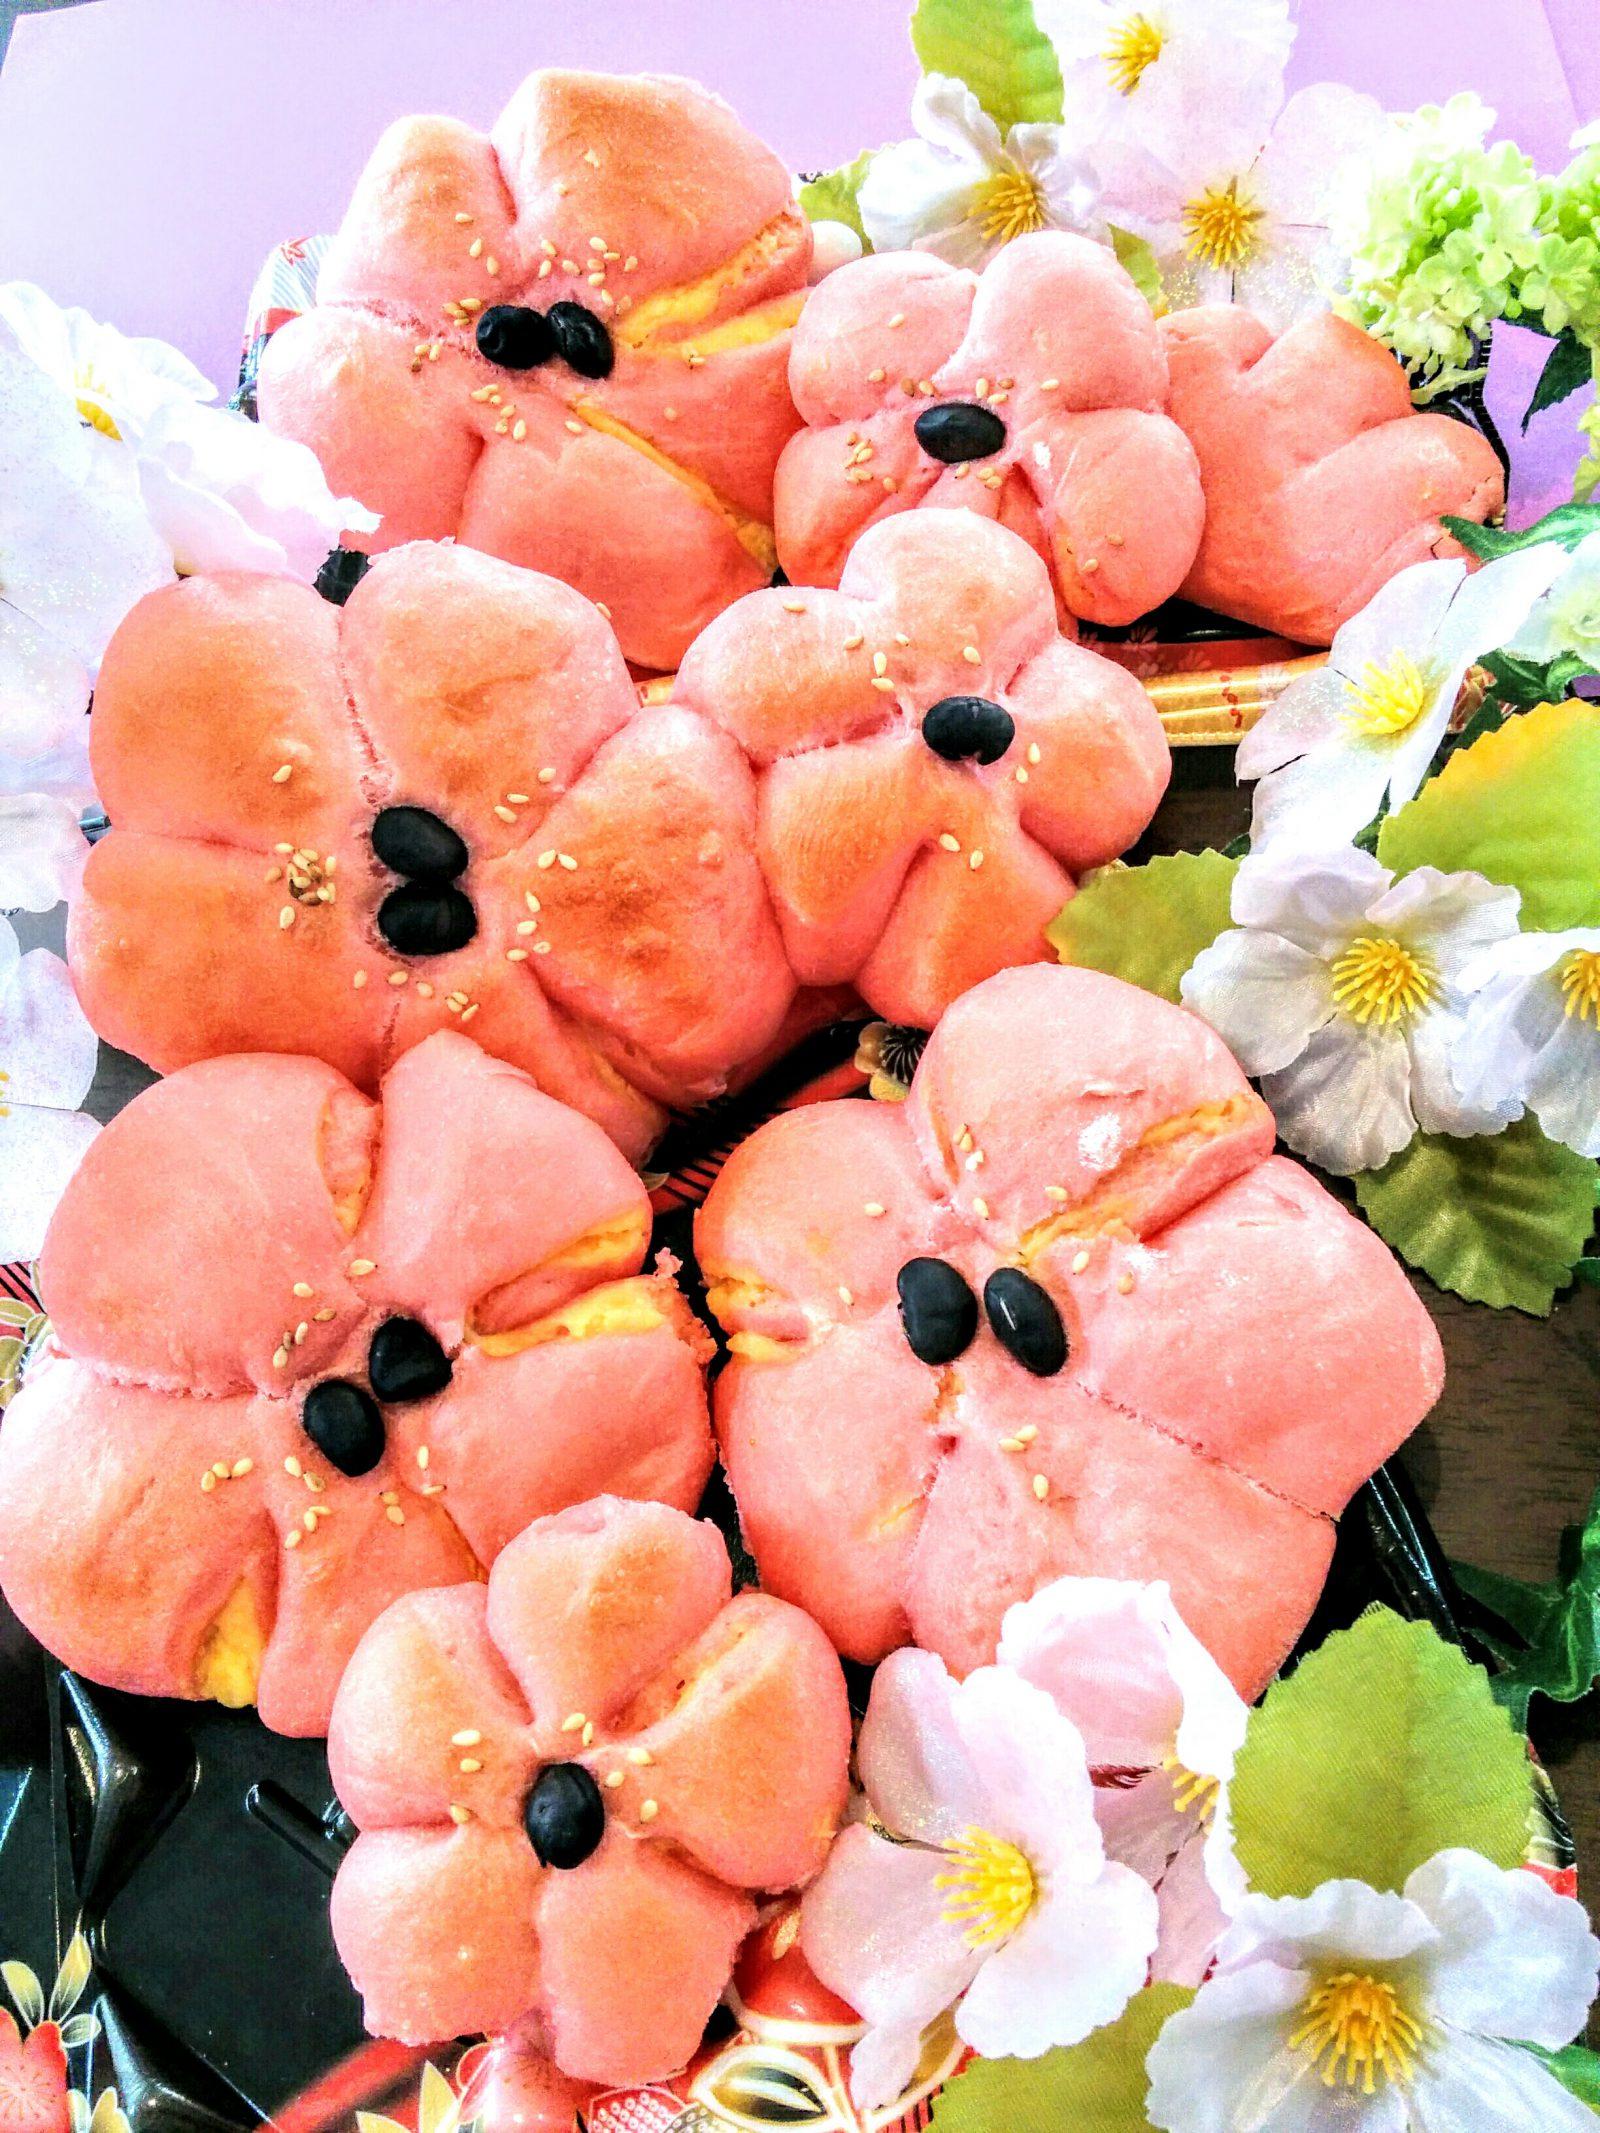 【小樽】桜の花びら風総菜パンです。